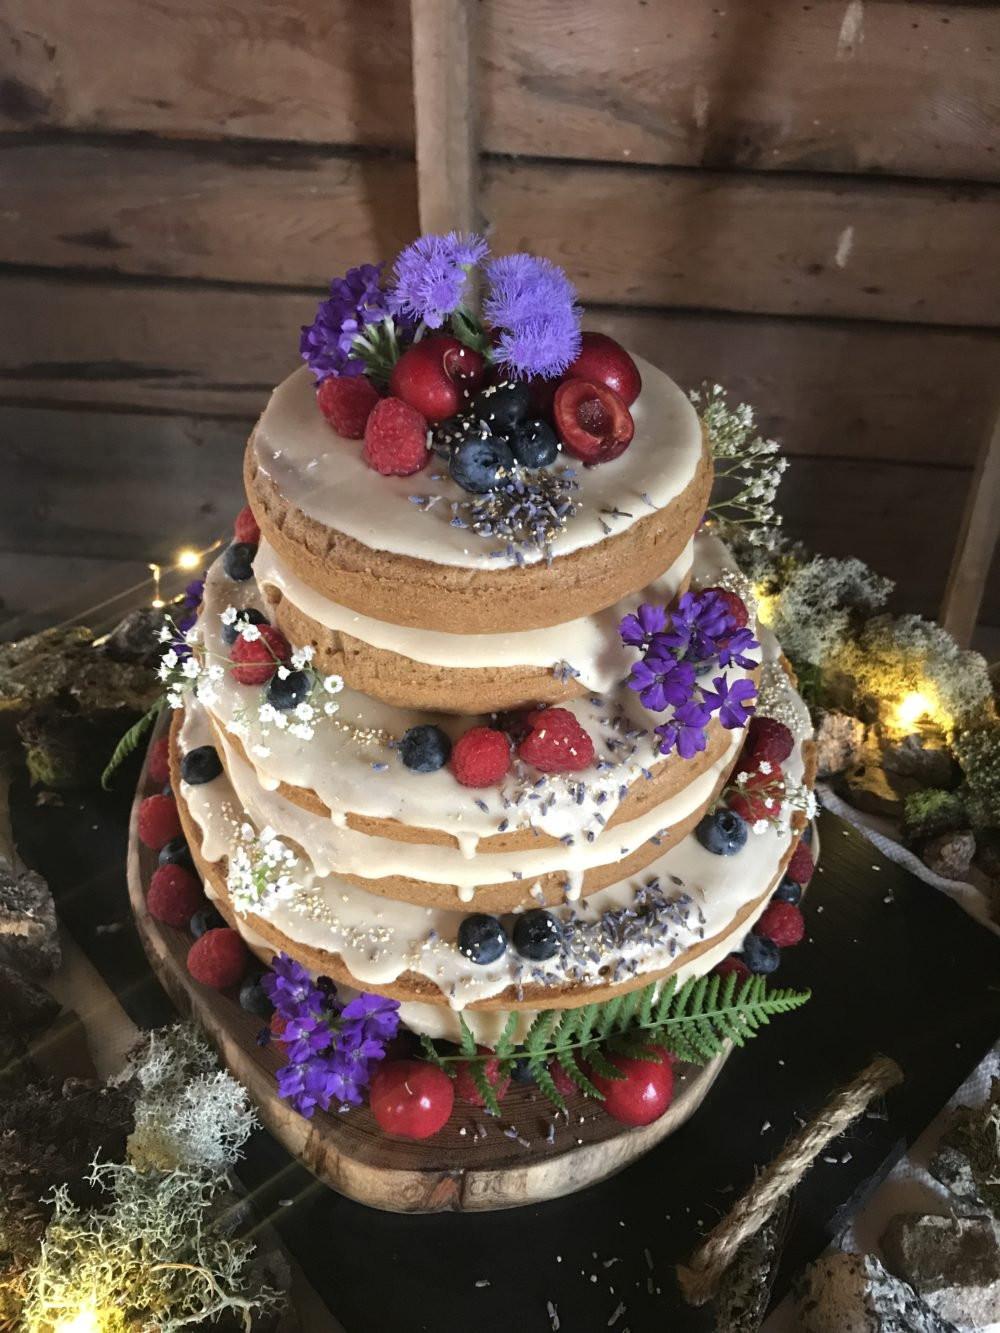 Vegan Wedding Cake Recipe  How I Made a Glam 3 Tier Vegan Wedding Cake & Lived to